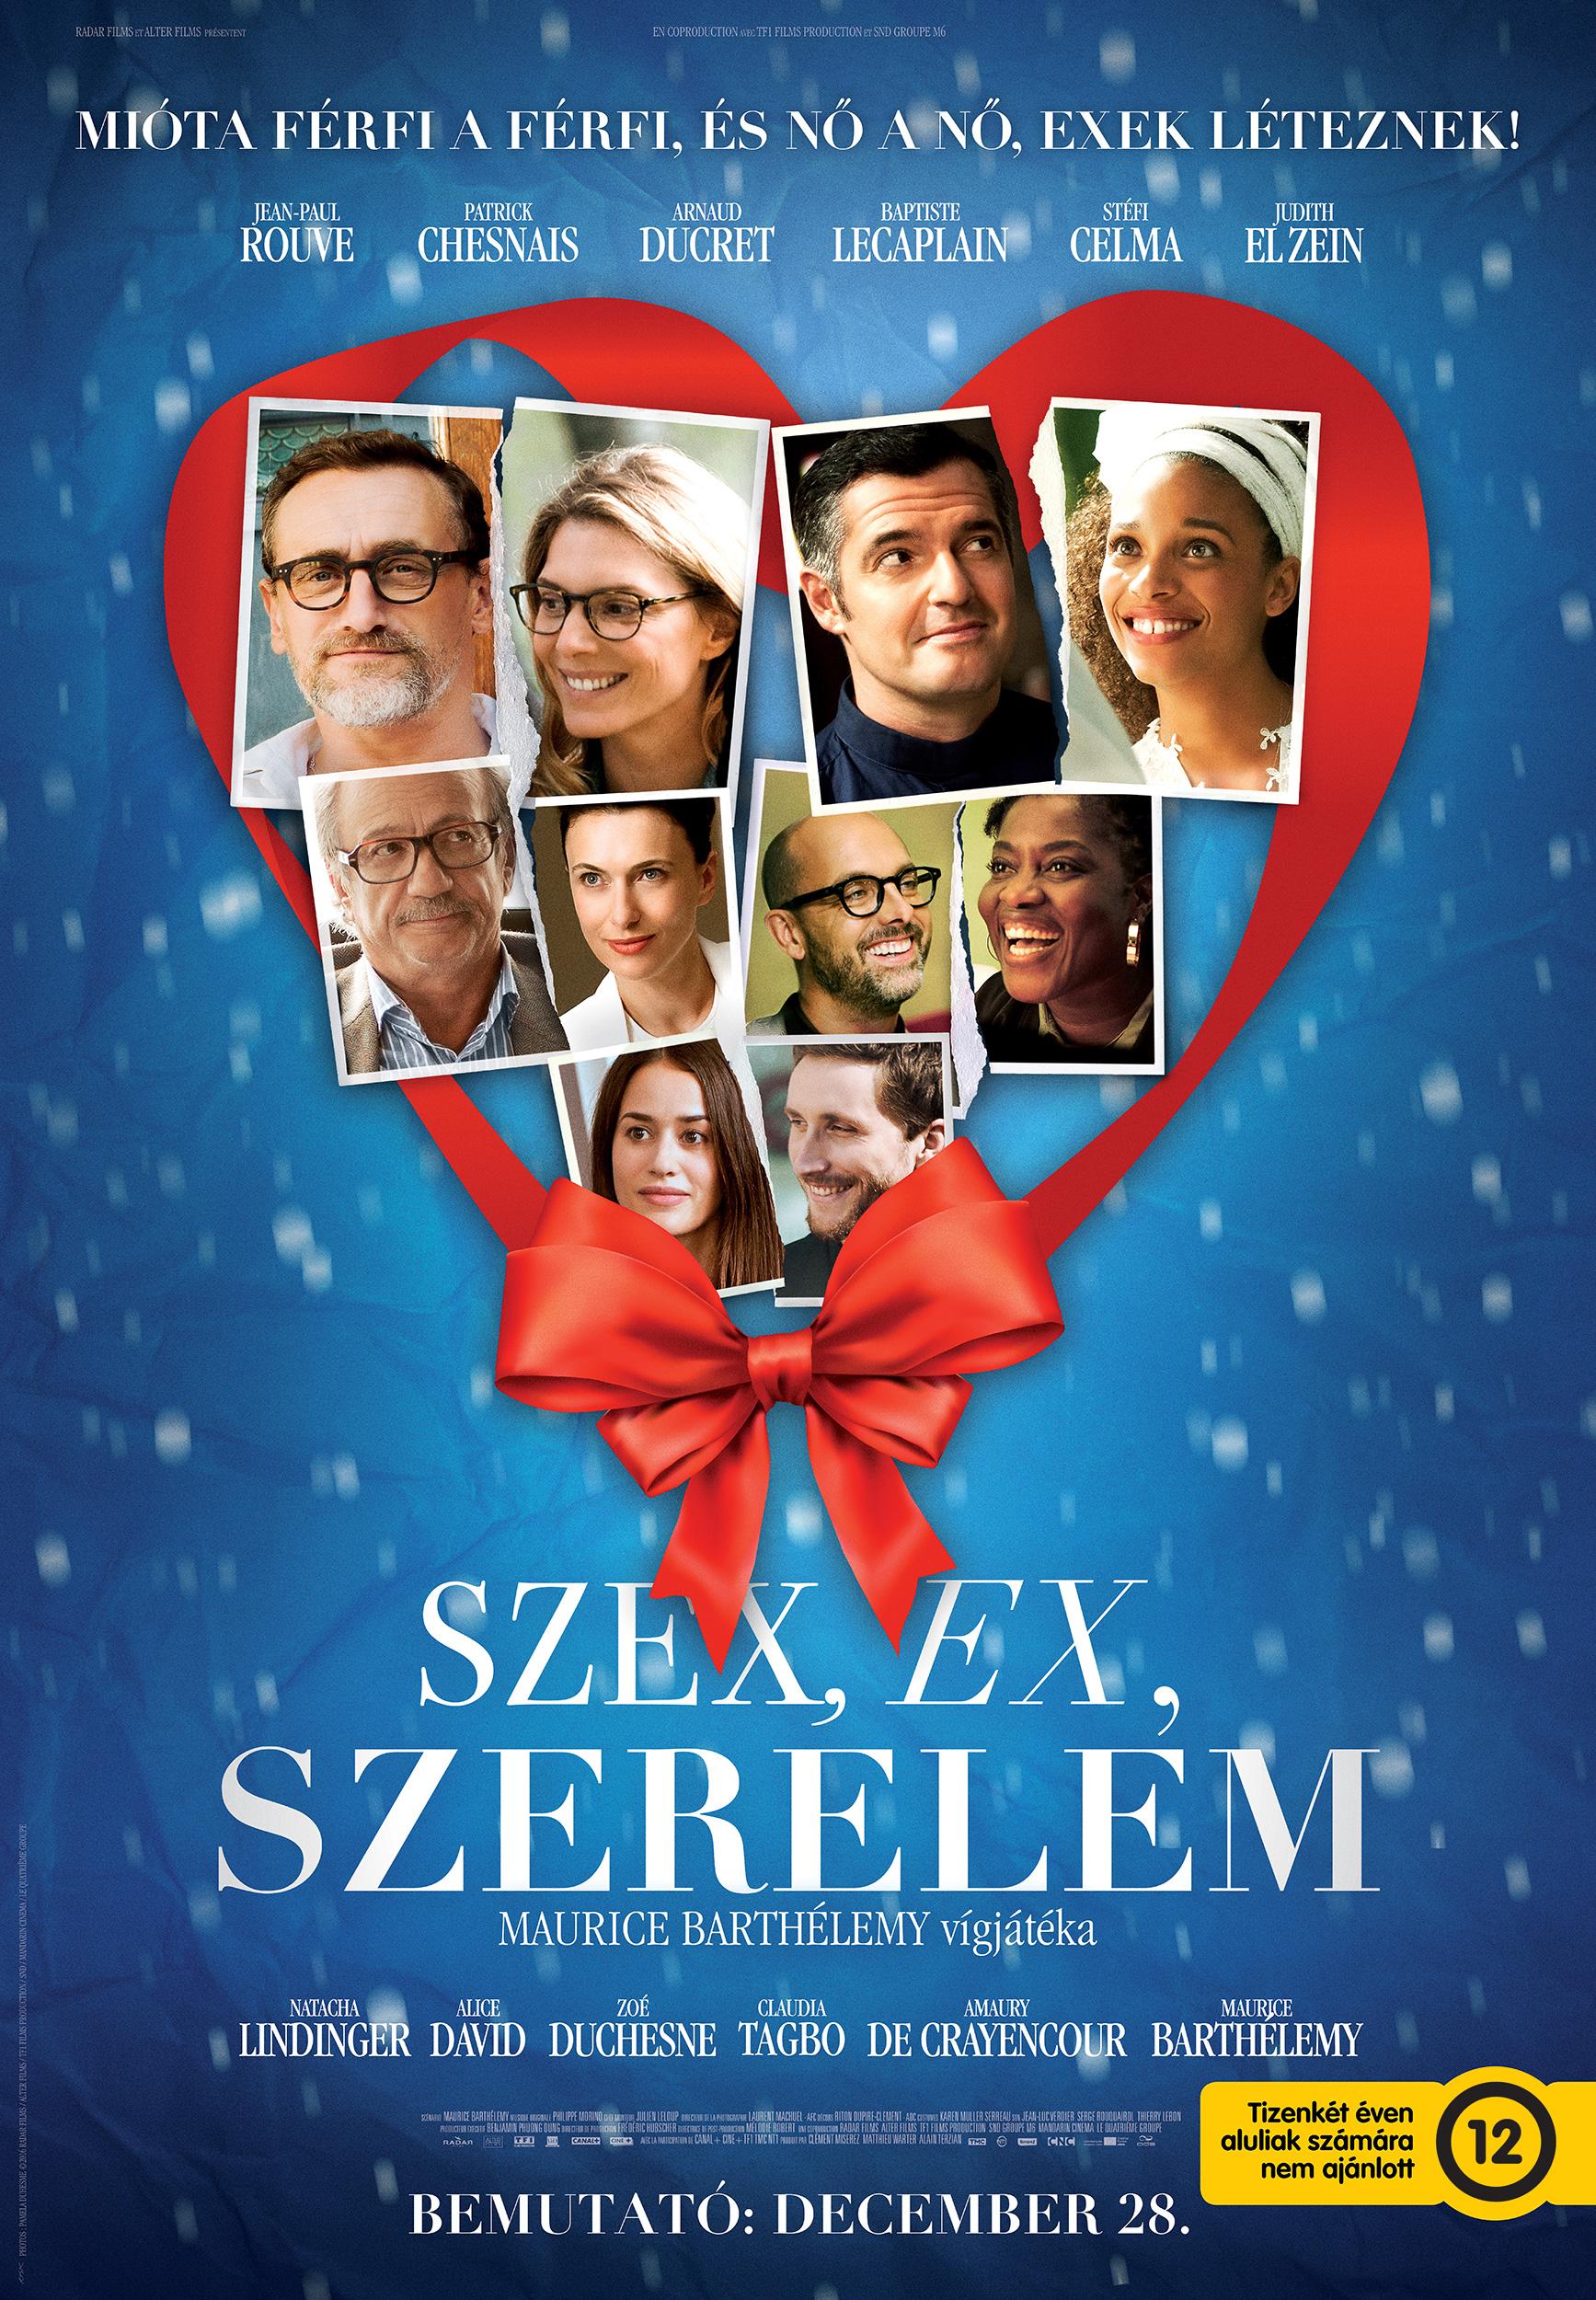 Szex, ex, szerelem